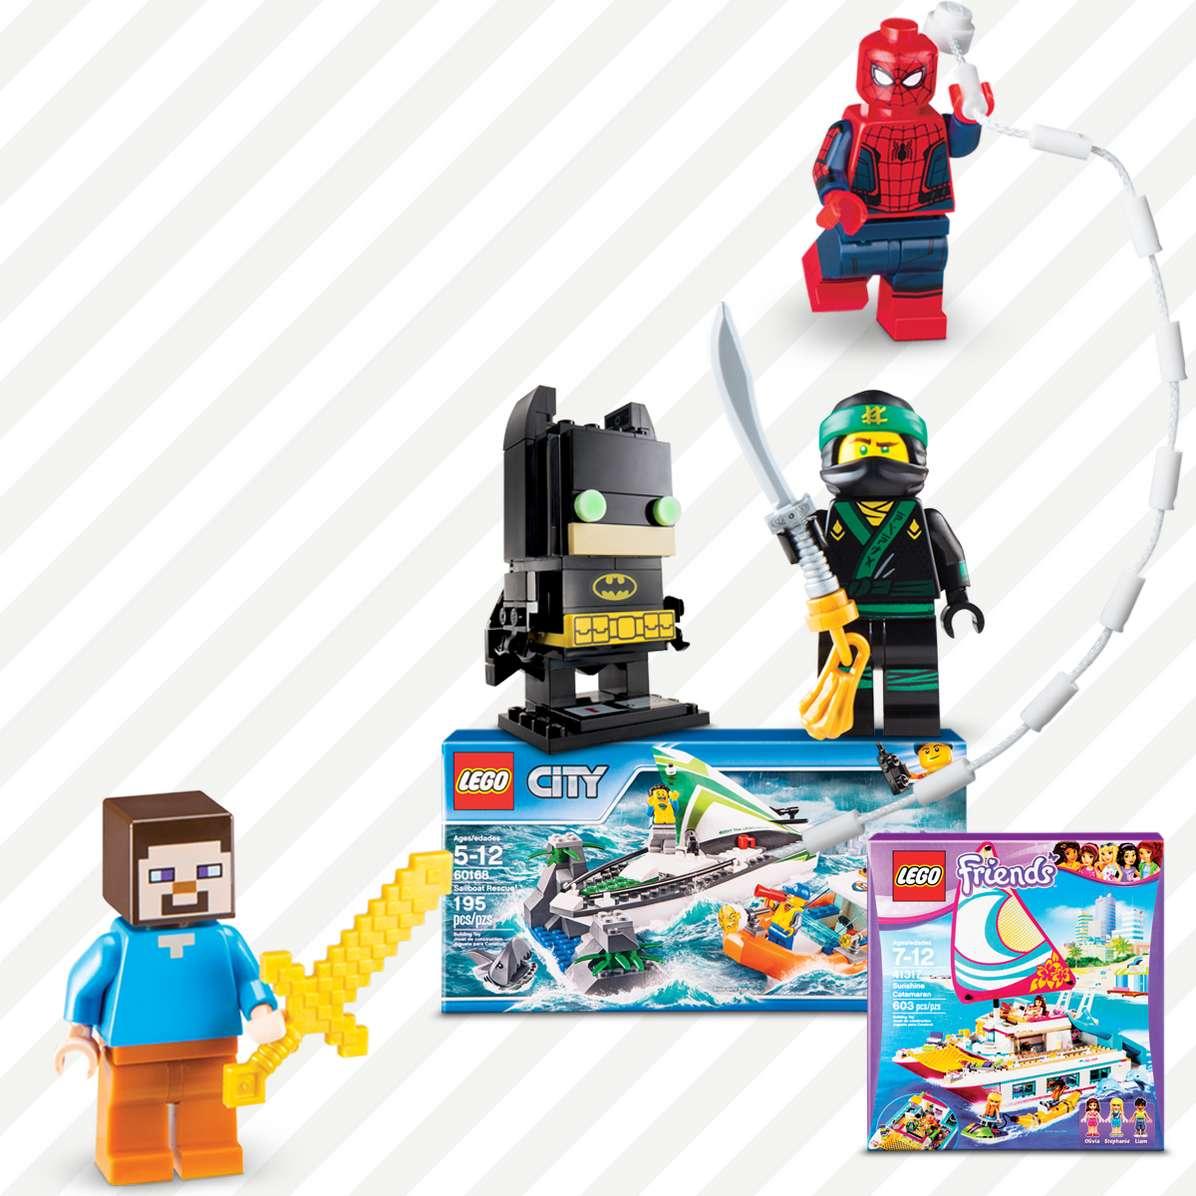 Target Toys Legos : Toys target